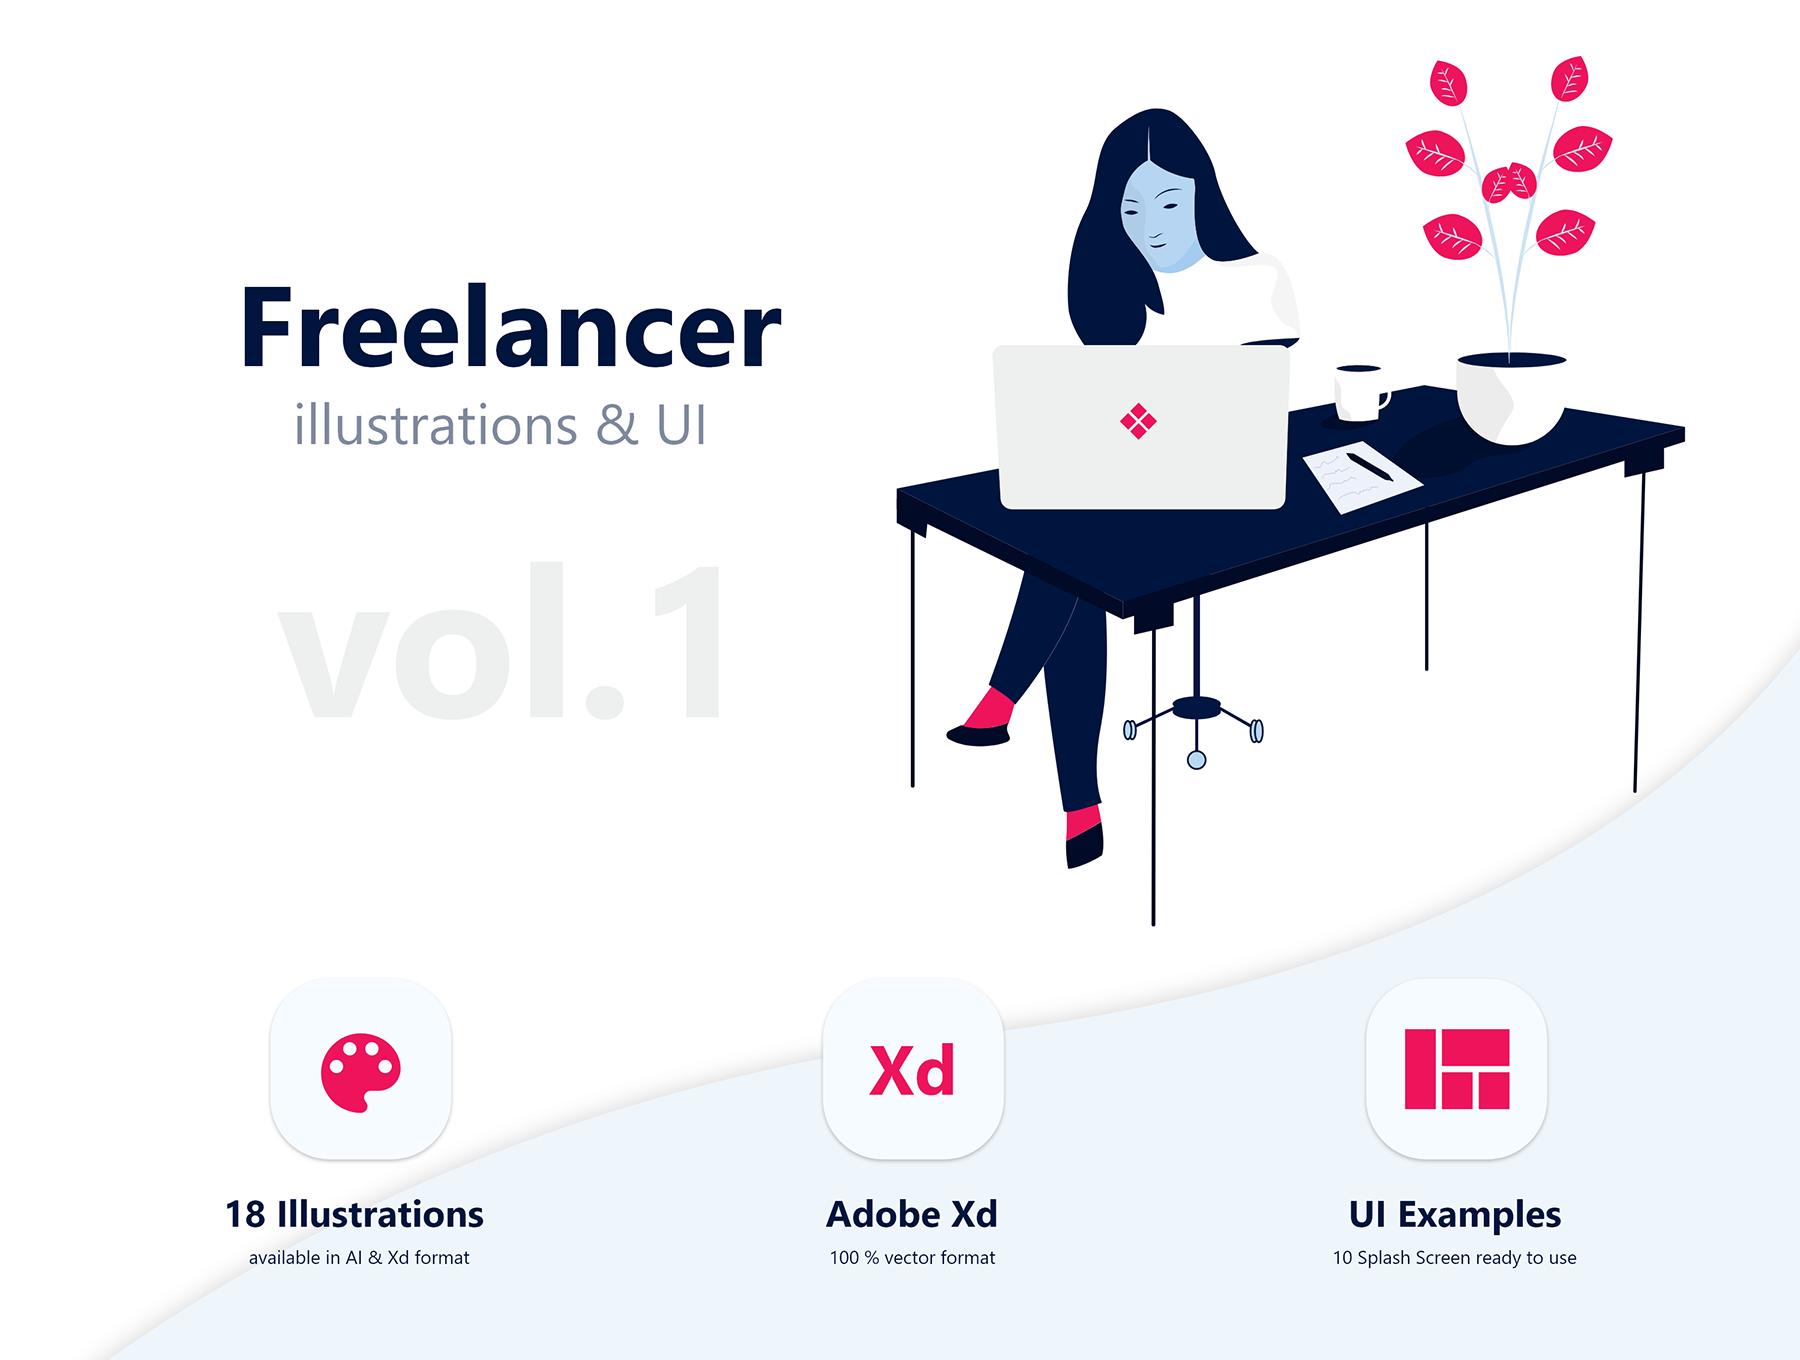 唯美的自由职业者矢量插图包Vol 01 Freelancer Illustration Pack Vol 01插图